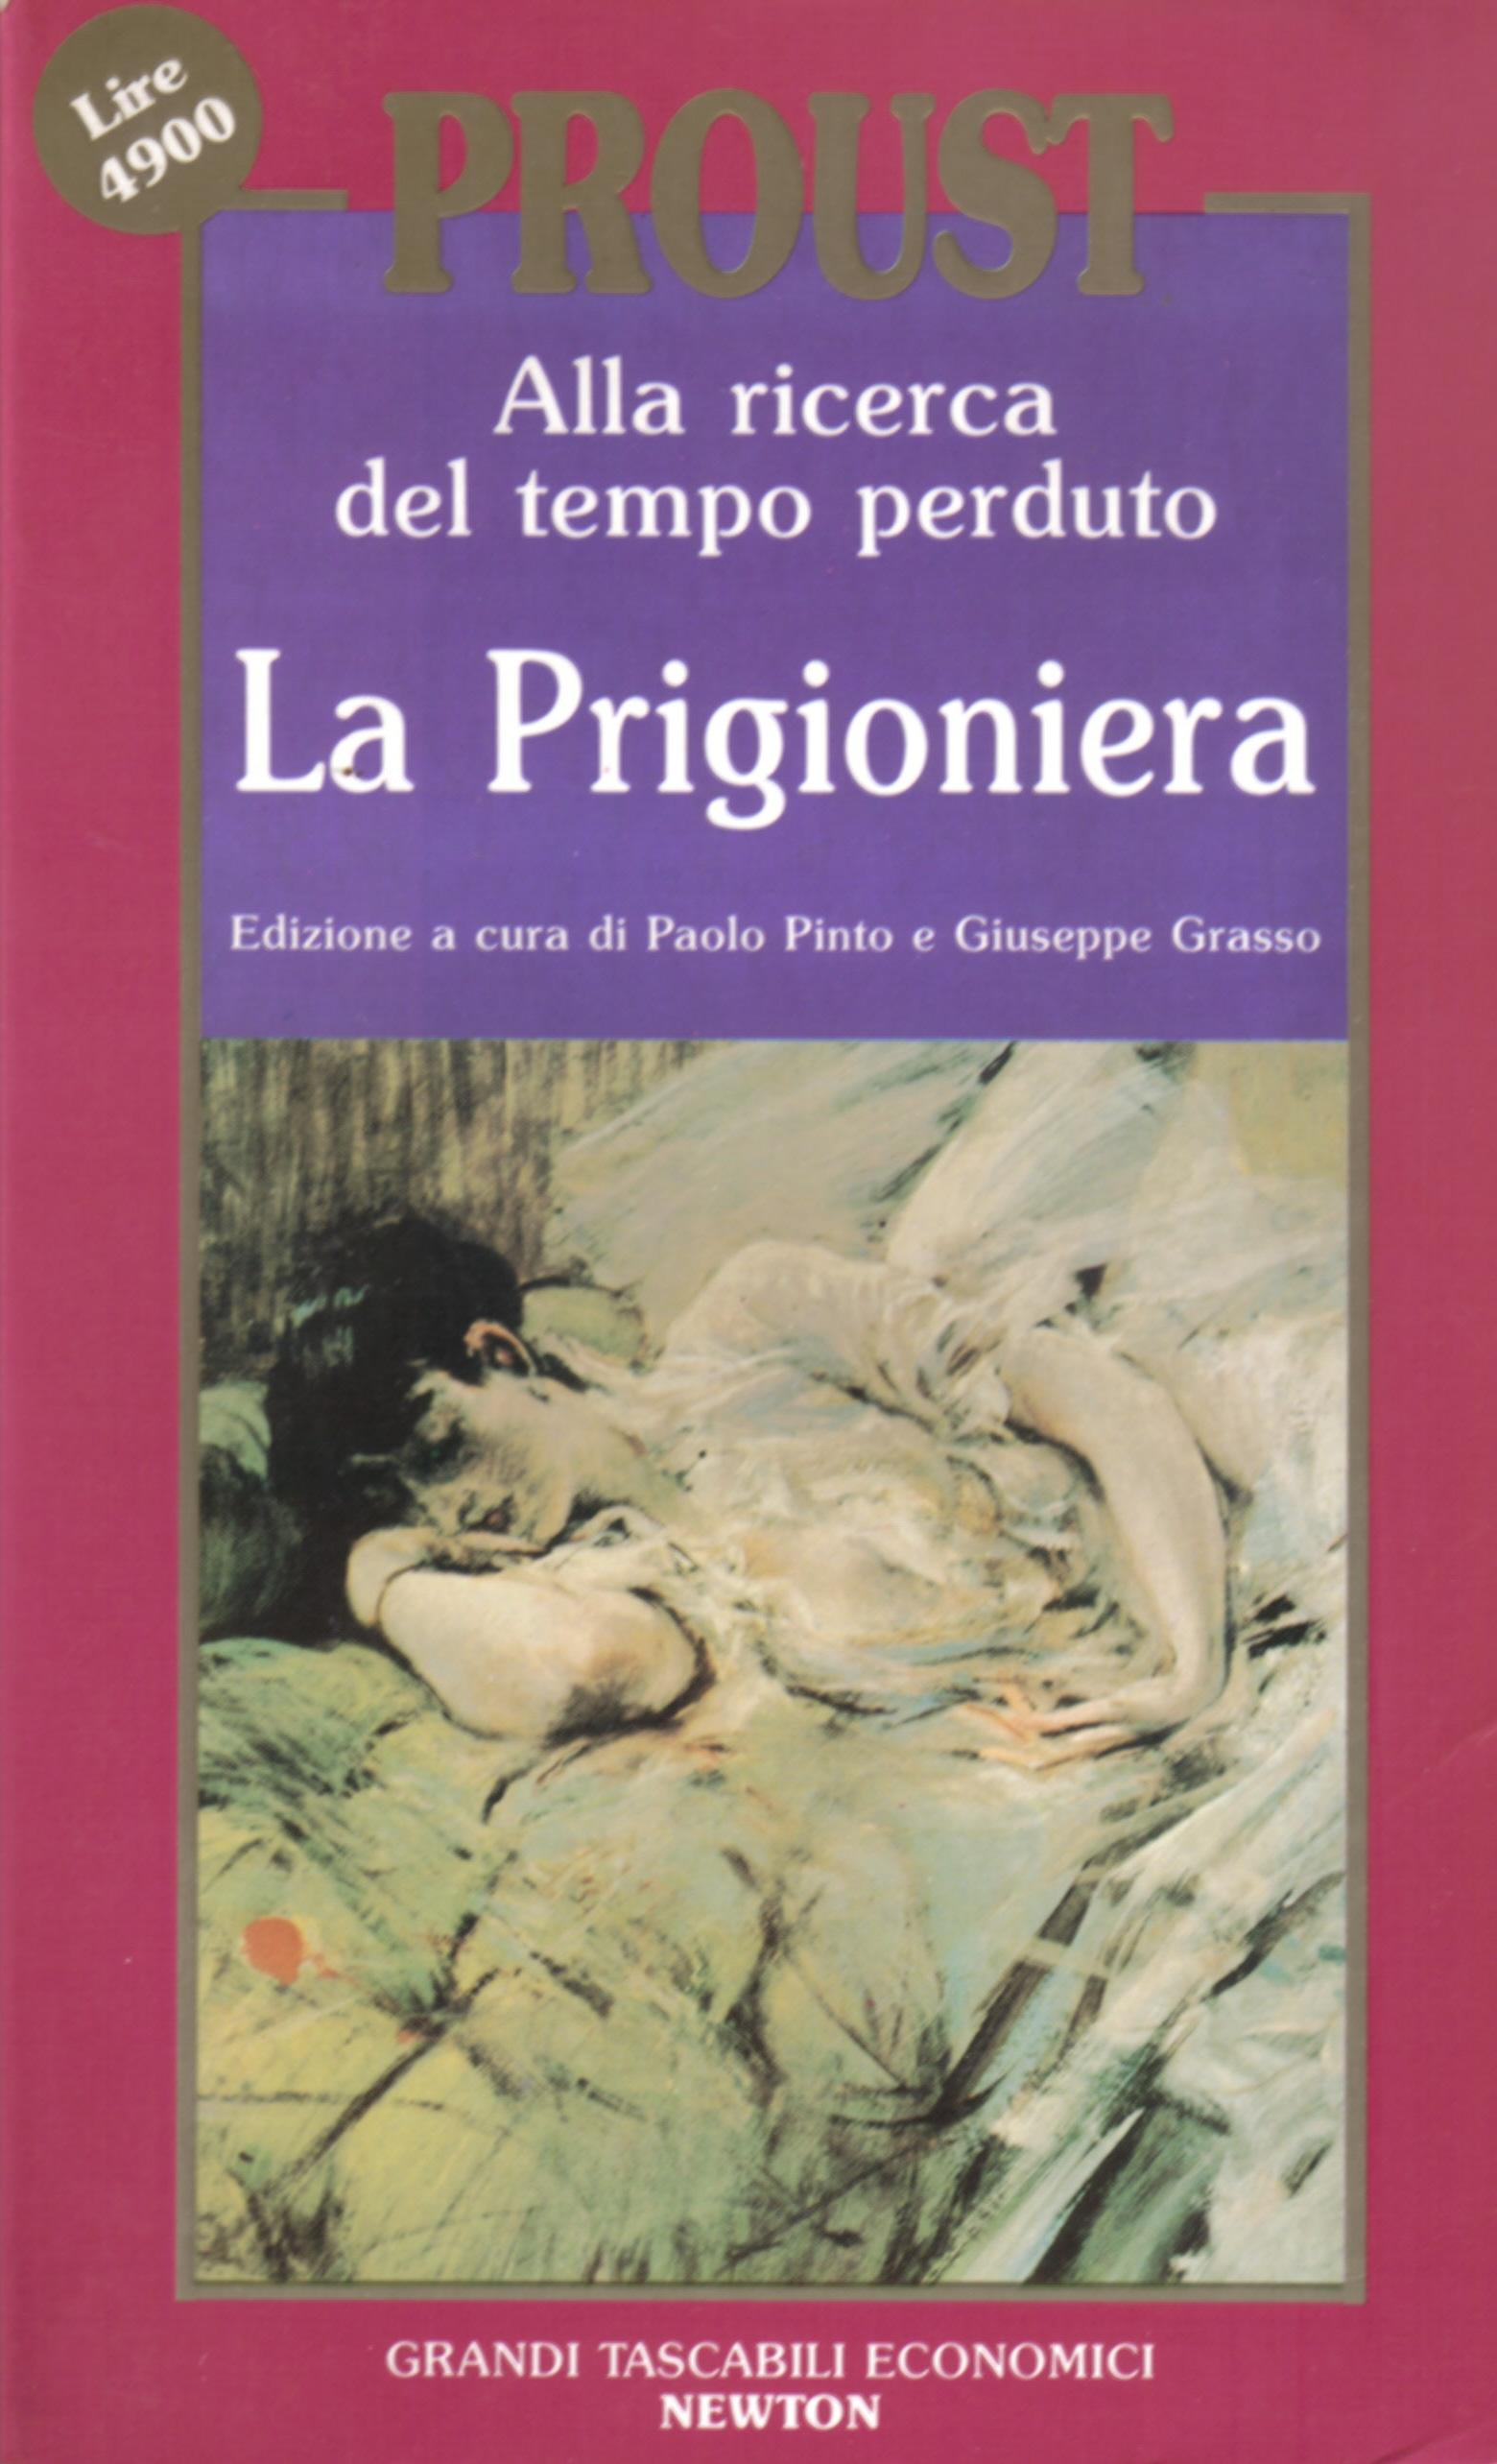 La prigioniera